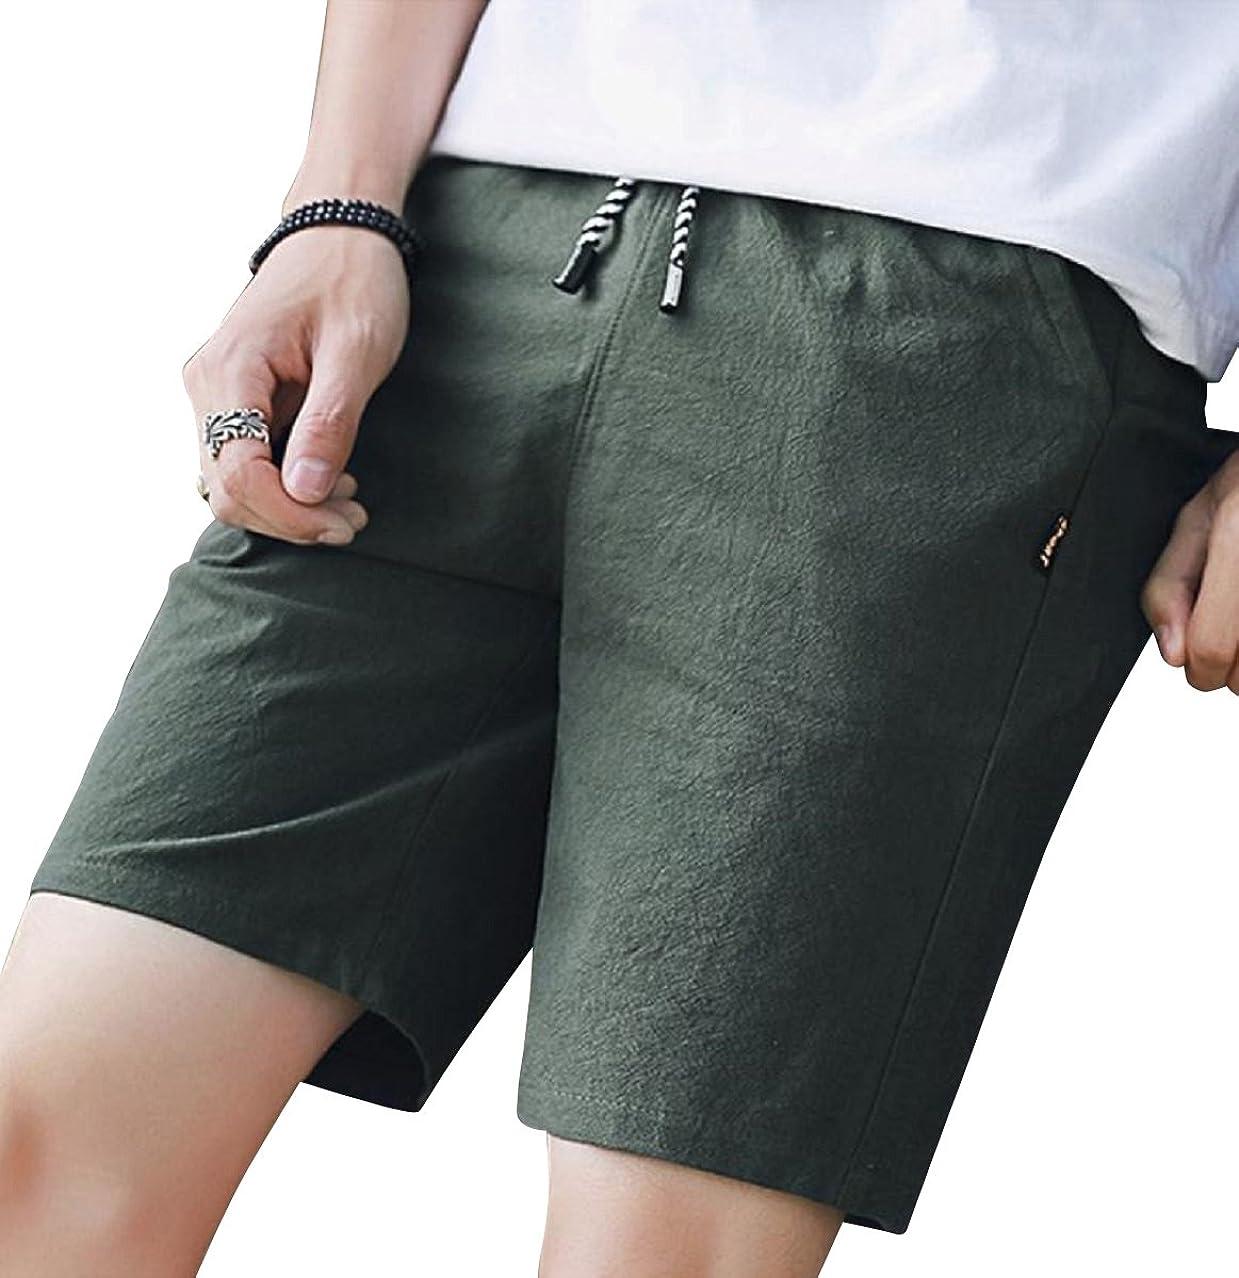 毛皮試す疫病(ライズオンフリーク) RISEONFLEEK メンズ ハーフパンツ 短パン ズボン 無地 柄 春 夏 大きい 小さい サイズ GB-35